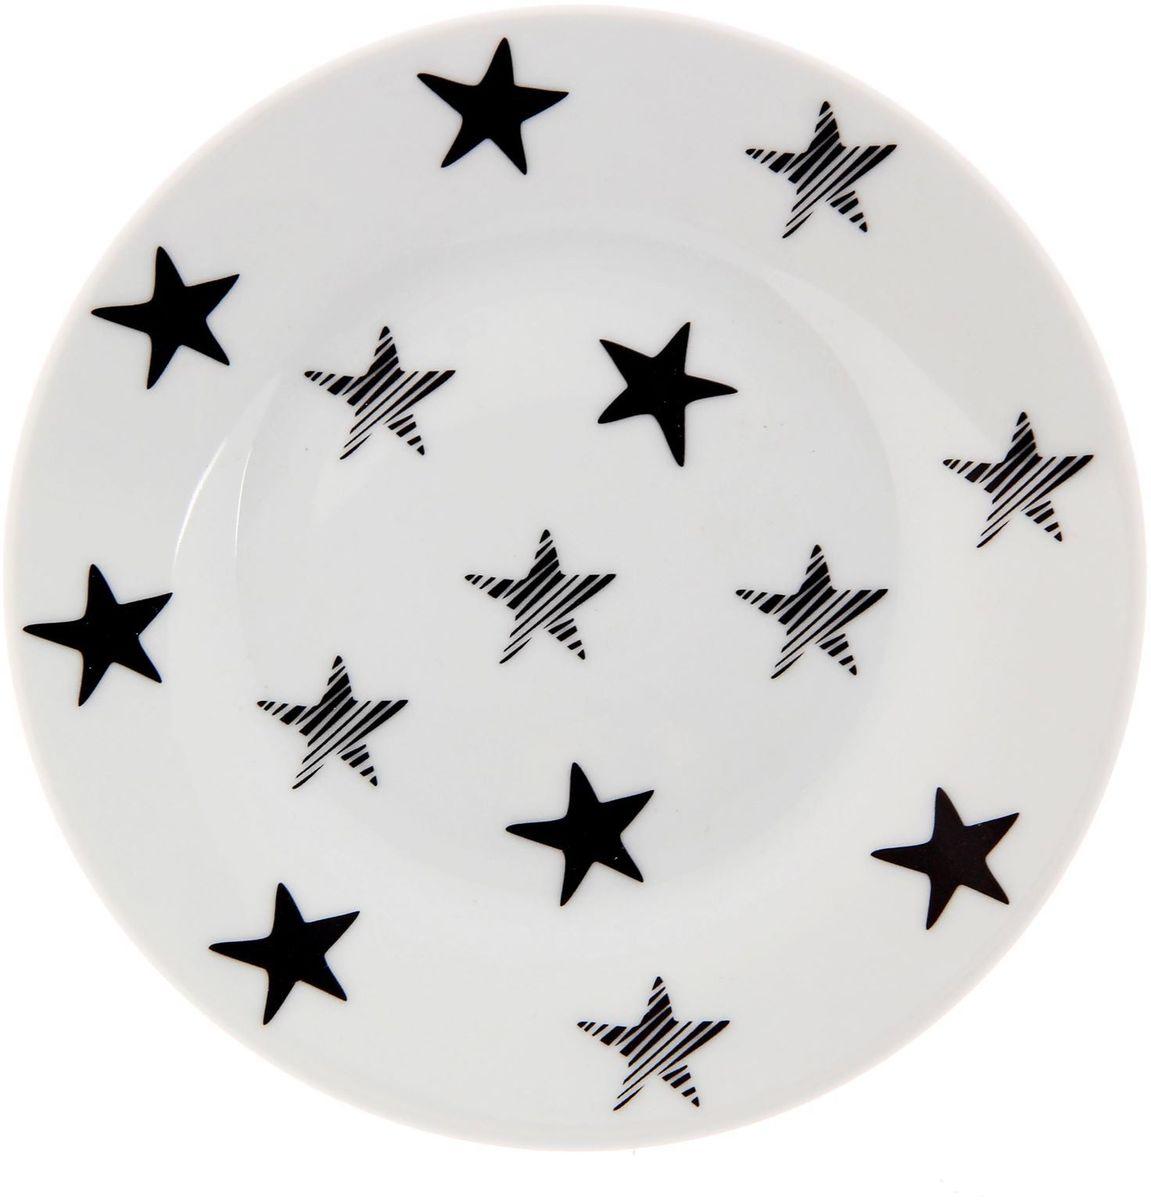 Тарелка мелкая Сотвори чудо My Little Star, диаметр 15,5 см2277852Хотите обновить интерьер кухни или гостиной? Устраиваете необычную фотосессию или тематический праздник? А может, просто ищете подарок для близкого человека? Посуда « Сотвори Чудо» — правильный выбор в любой ситуации. Её достоинства: изящный фаянс нежного сливочного цвета; стойкость краски; пригодность для посудомоечных машин.